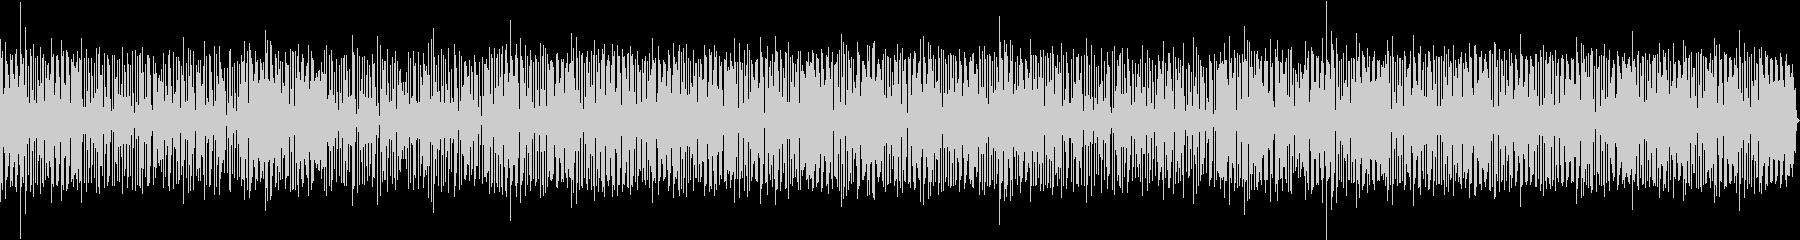 バンドサウンド軽快なファンクBGMの未再生の波形